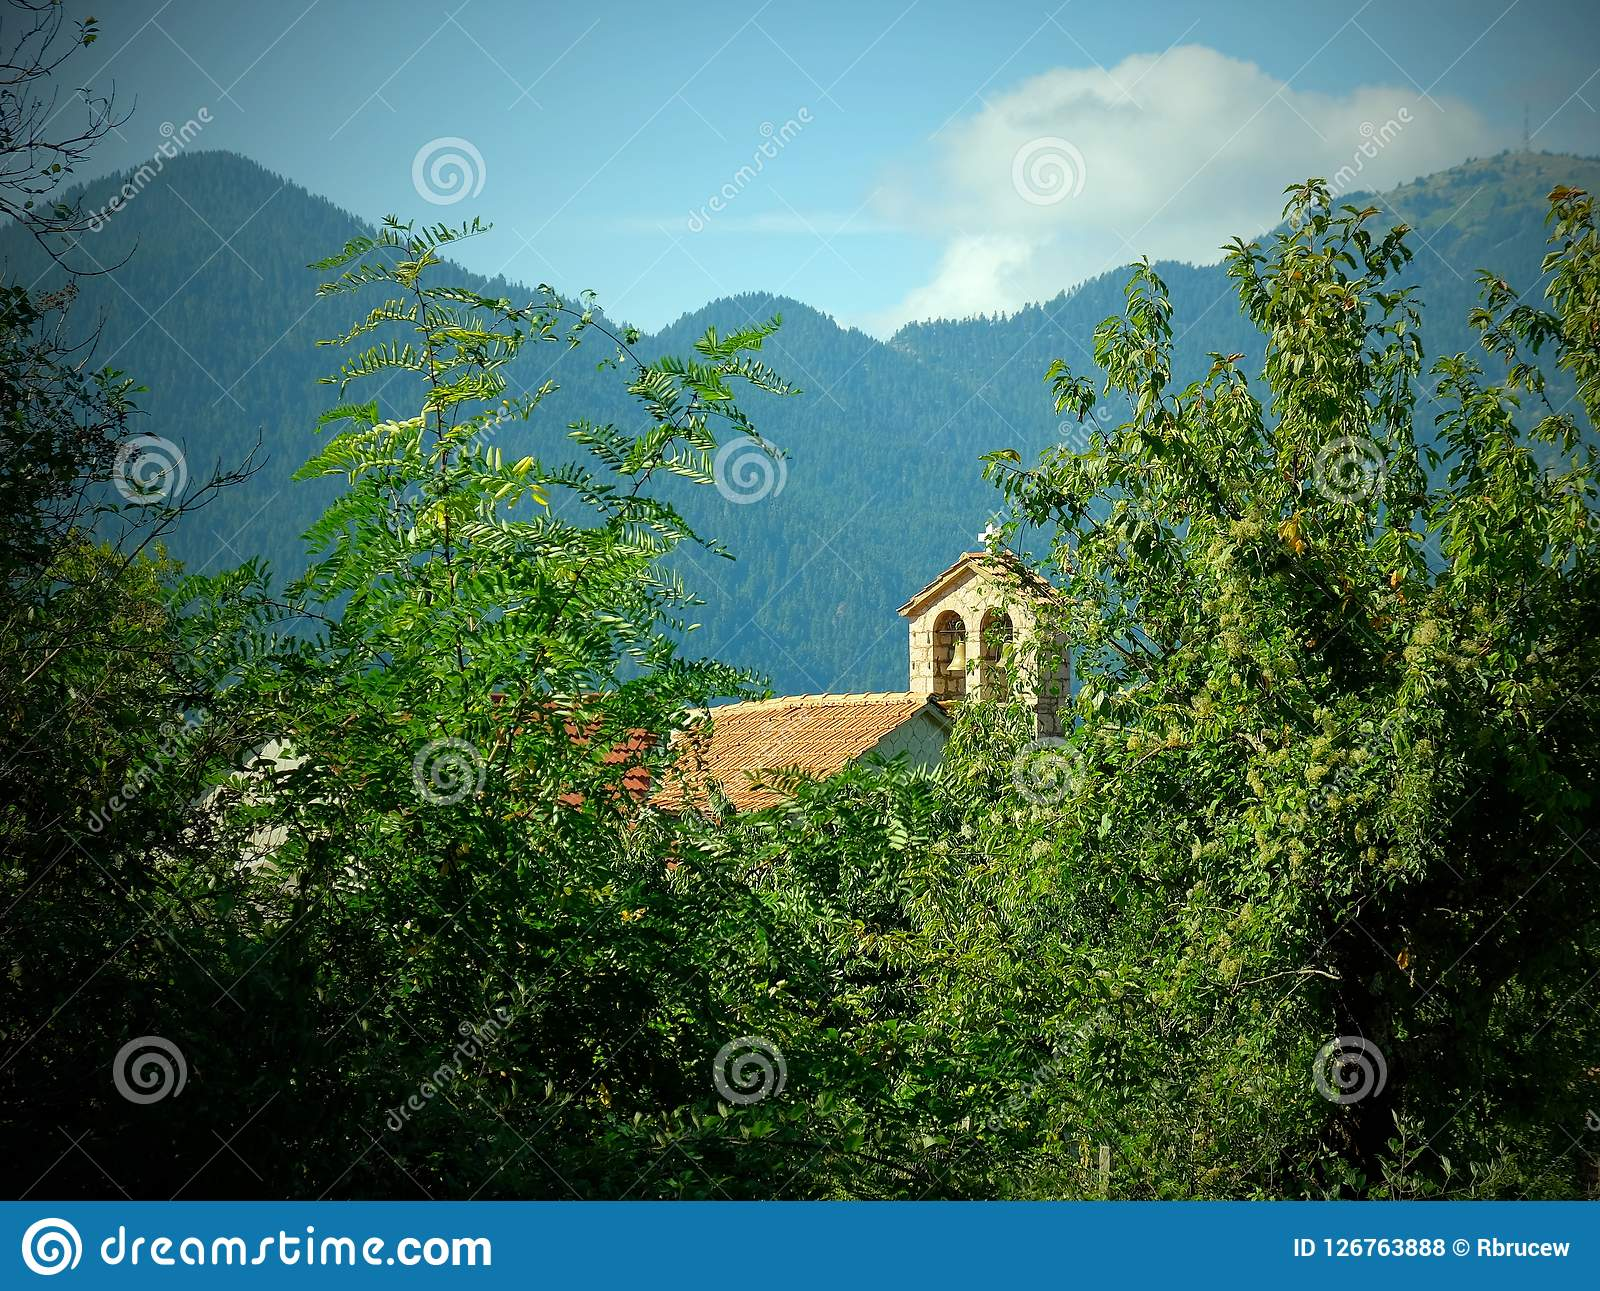 Scenetta nostalgica, chiesa greco ortodossa, paesino di montagna greco, Grecia